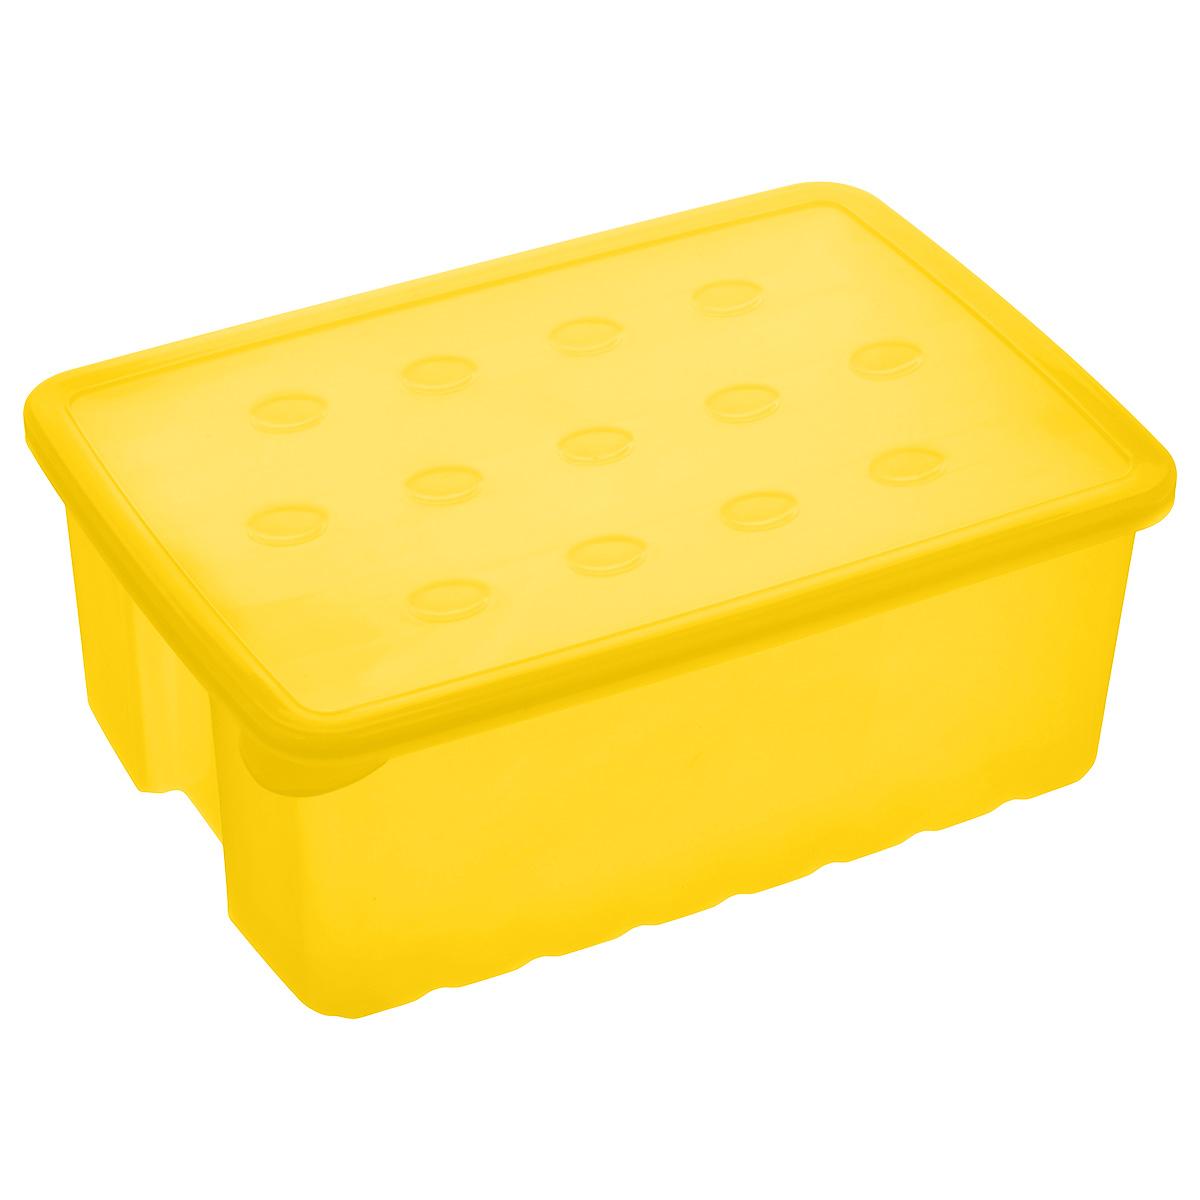 Контейнер для карандашей Альтернатива, цвет: желтый, 22 см х 15,5 см х 8,5 смМ1850Контейнер Альтернатива изготовлен из высококачественного цветного пластика и плотно закрывается крышкой. Контейнер очень вместителен и поможет вам хранить все необходимые мелочи, например, ручки, фломастеры, карандаши и другое, в одном месте.